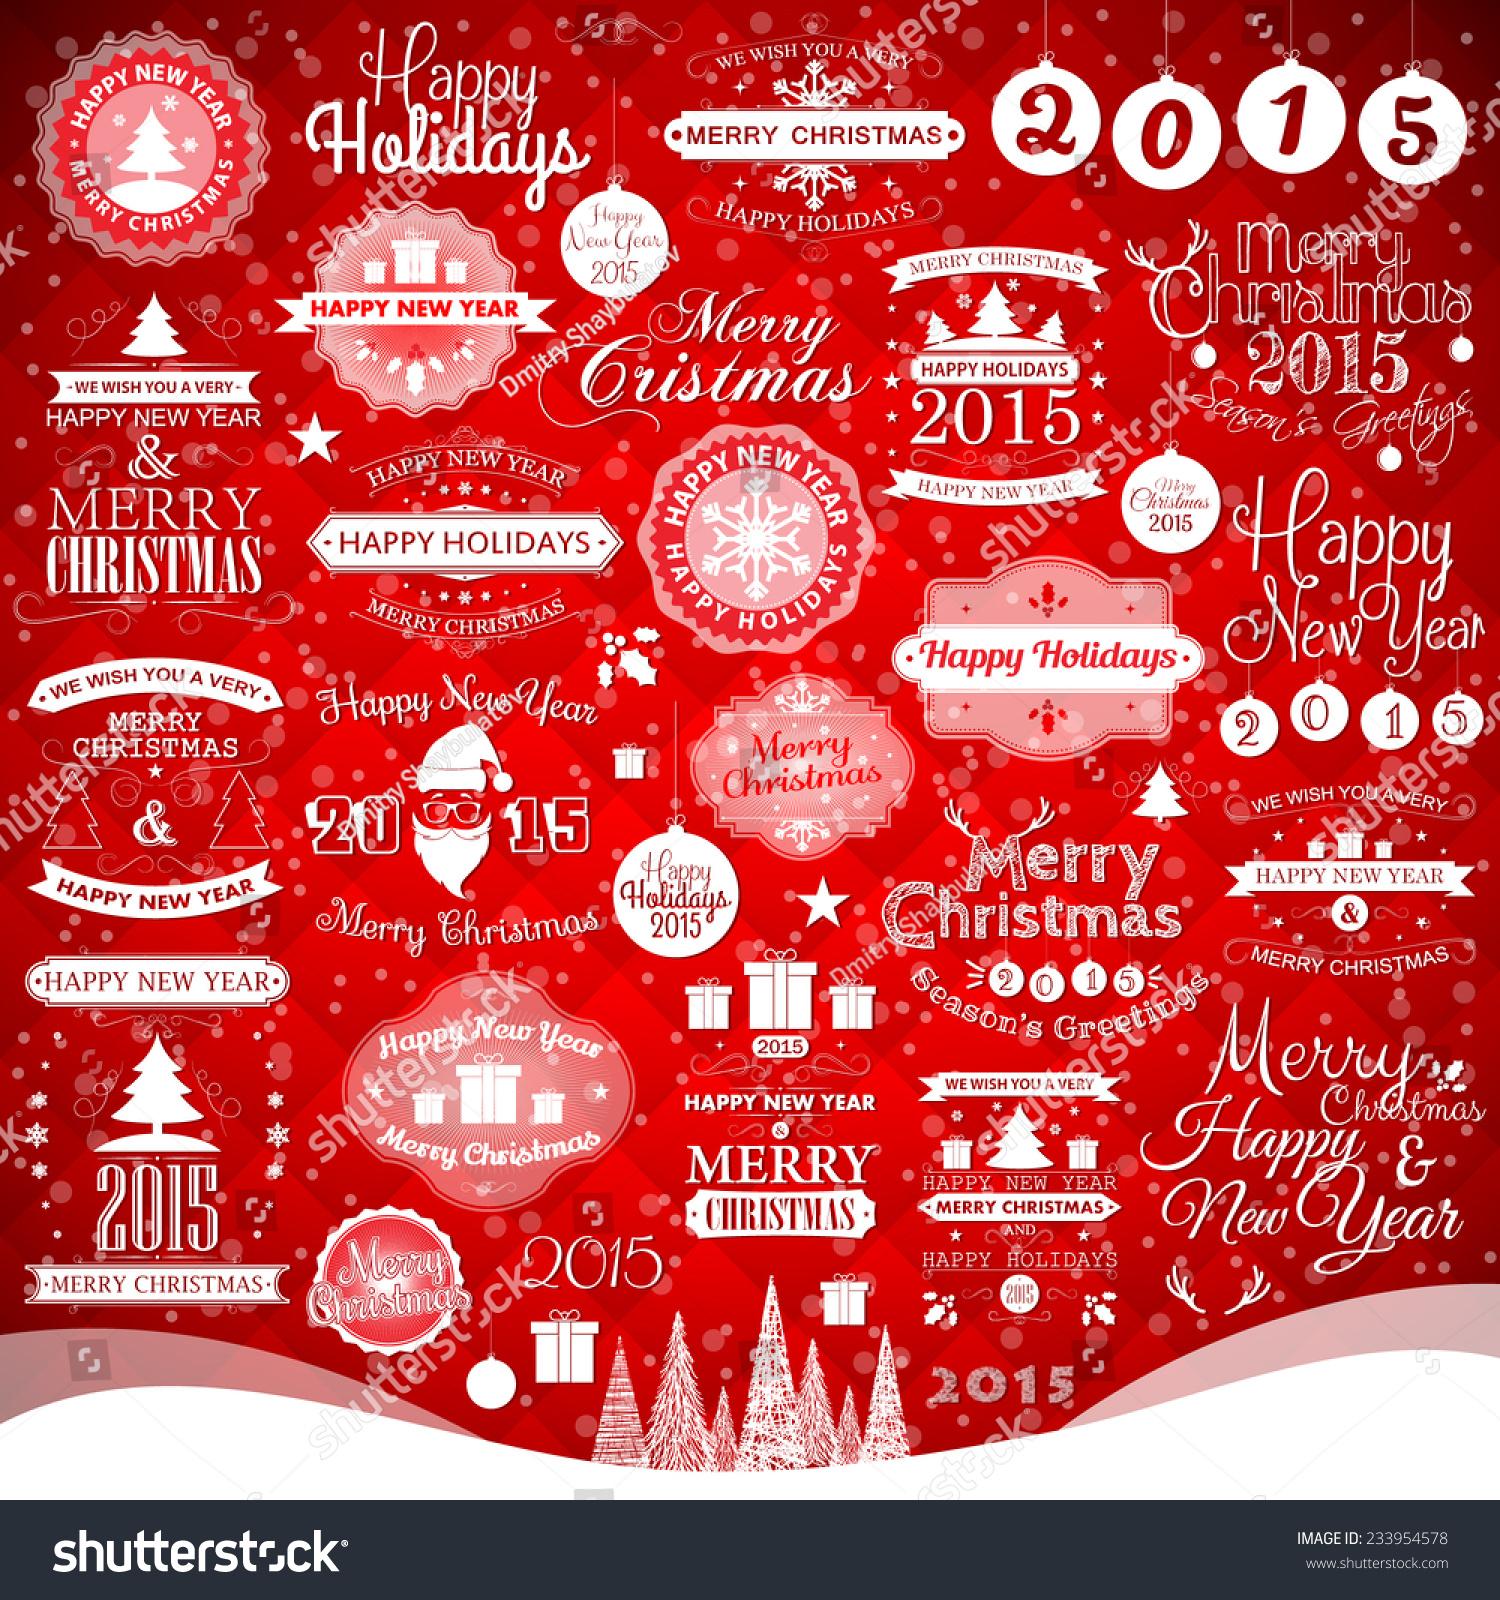 新年快乐,圣诞快乐,节日快乐标签和装饰元素,设计矢量图来度假。海报,贺卡,横幅或邀请。 - 假期,复古风格 - 站酷海洛创意正版图片,视频,音乐素材交易平台 - Shutterstock中国独家合作伙伴 - 站酷旗下品牌